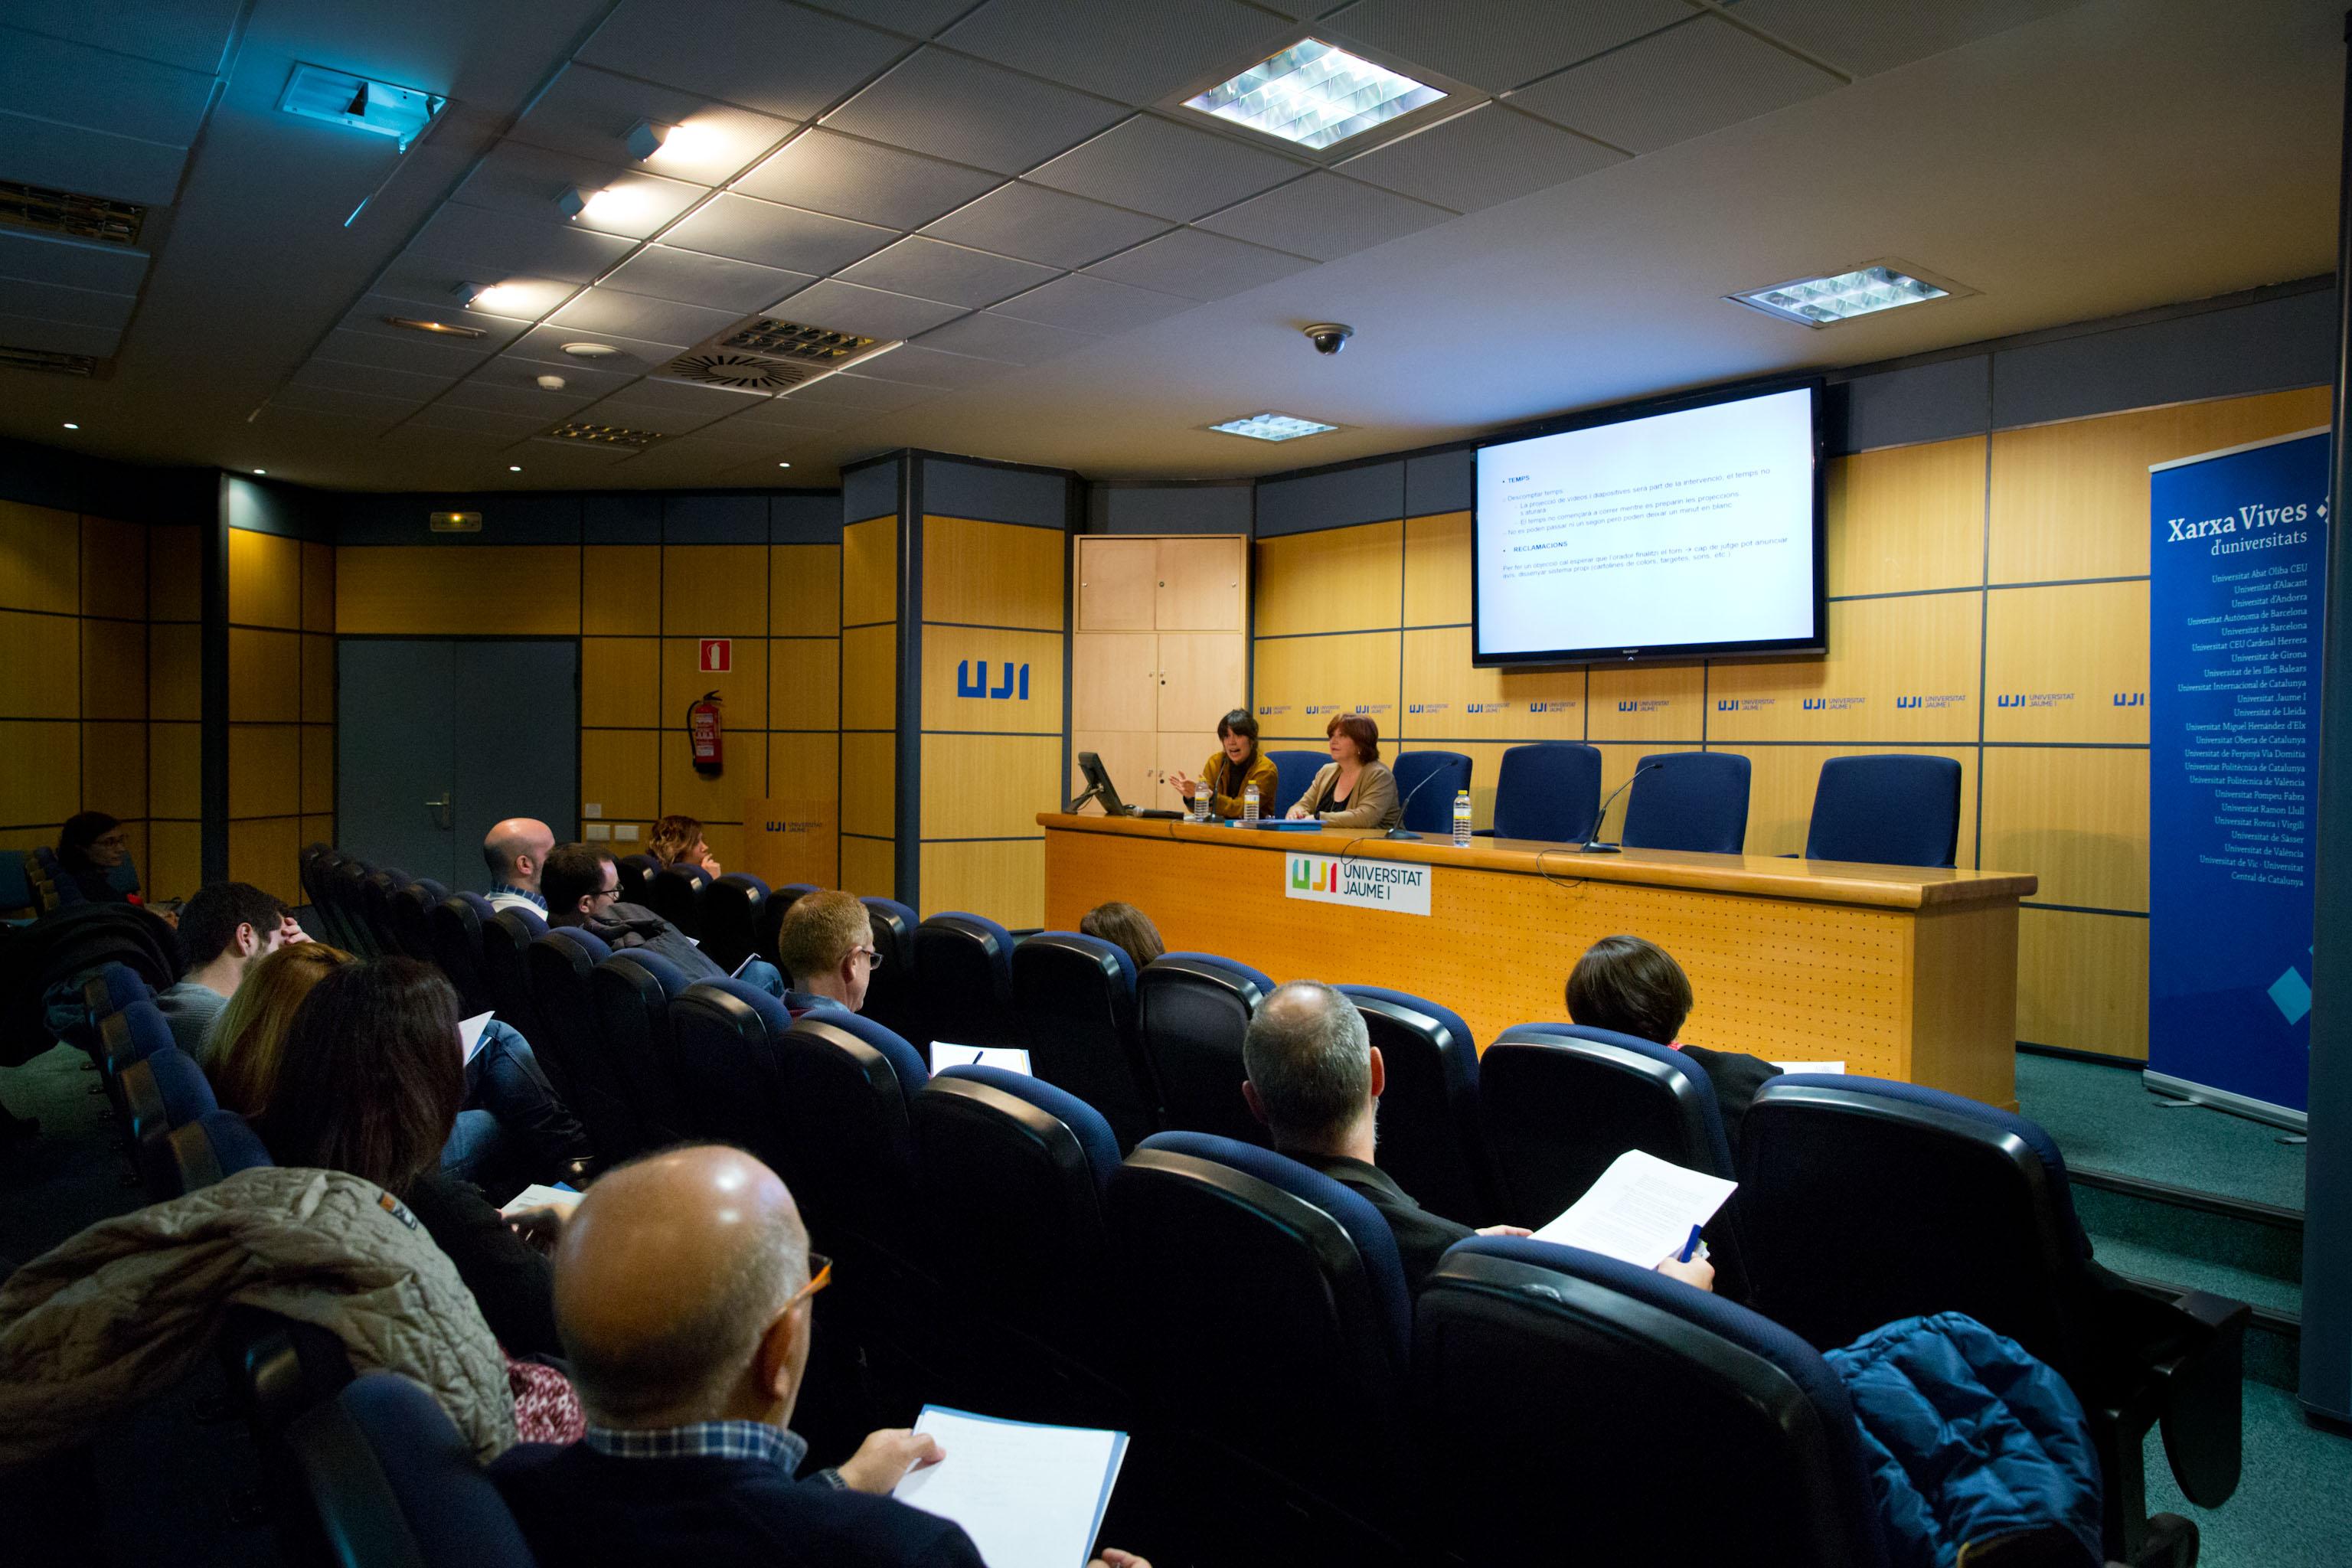 La Xarxa Vives organitza la primera sessió de formació de caps de jutges de les fases locals de la Lliga de Debat de Secundària i Batxillerat